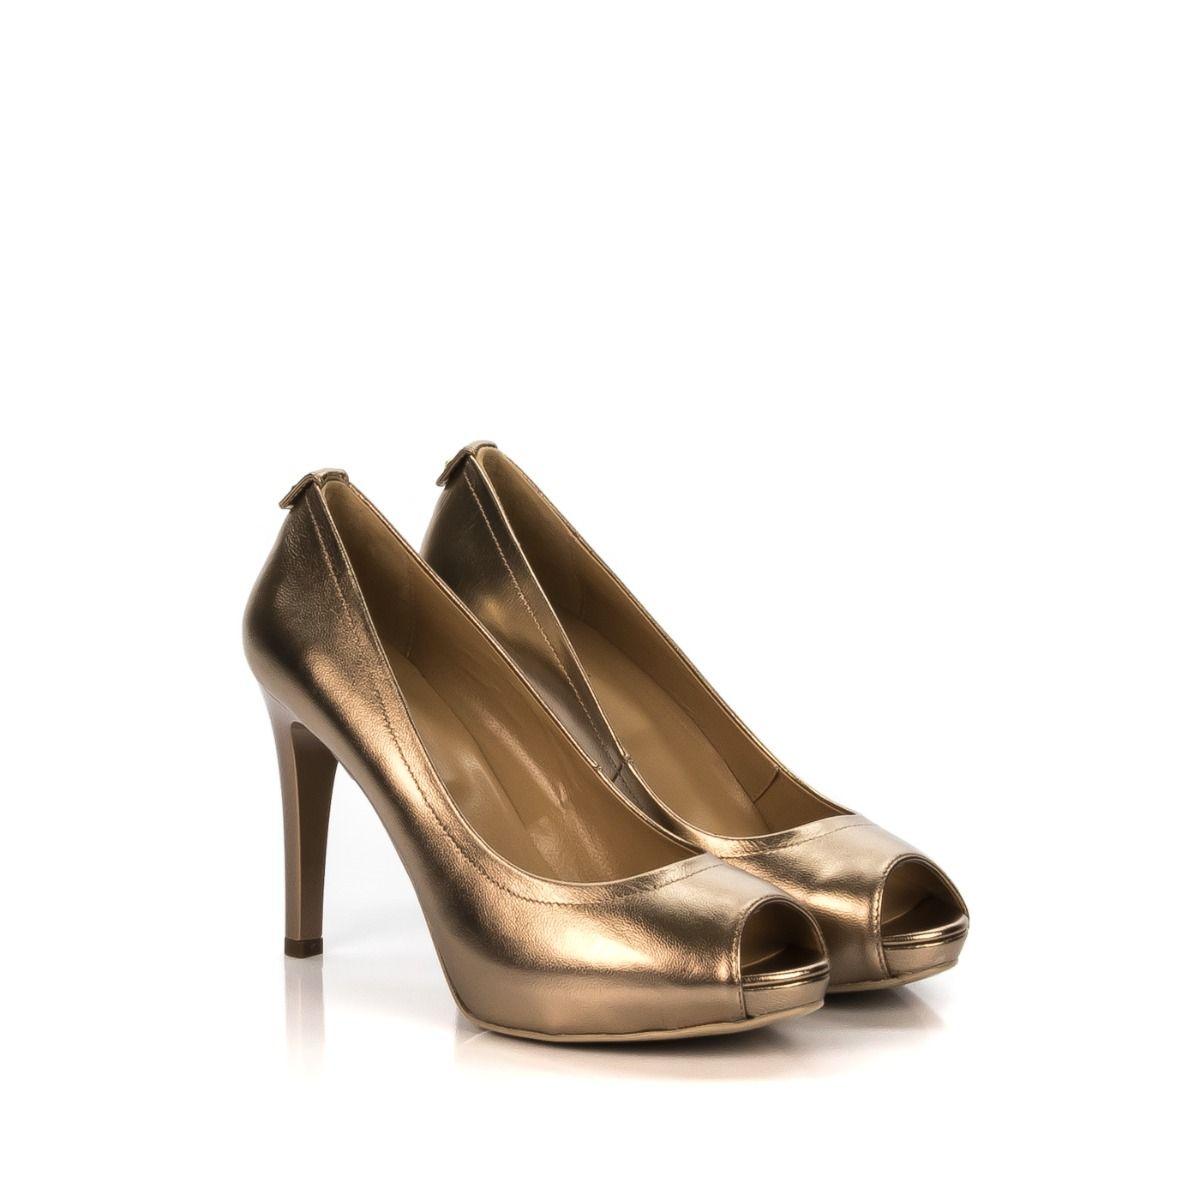 Decollete spuntata nero giardini 5411de 434 in pelle oro spedizione gratuita shop online shoe - Decollete beige nero giardini ...